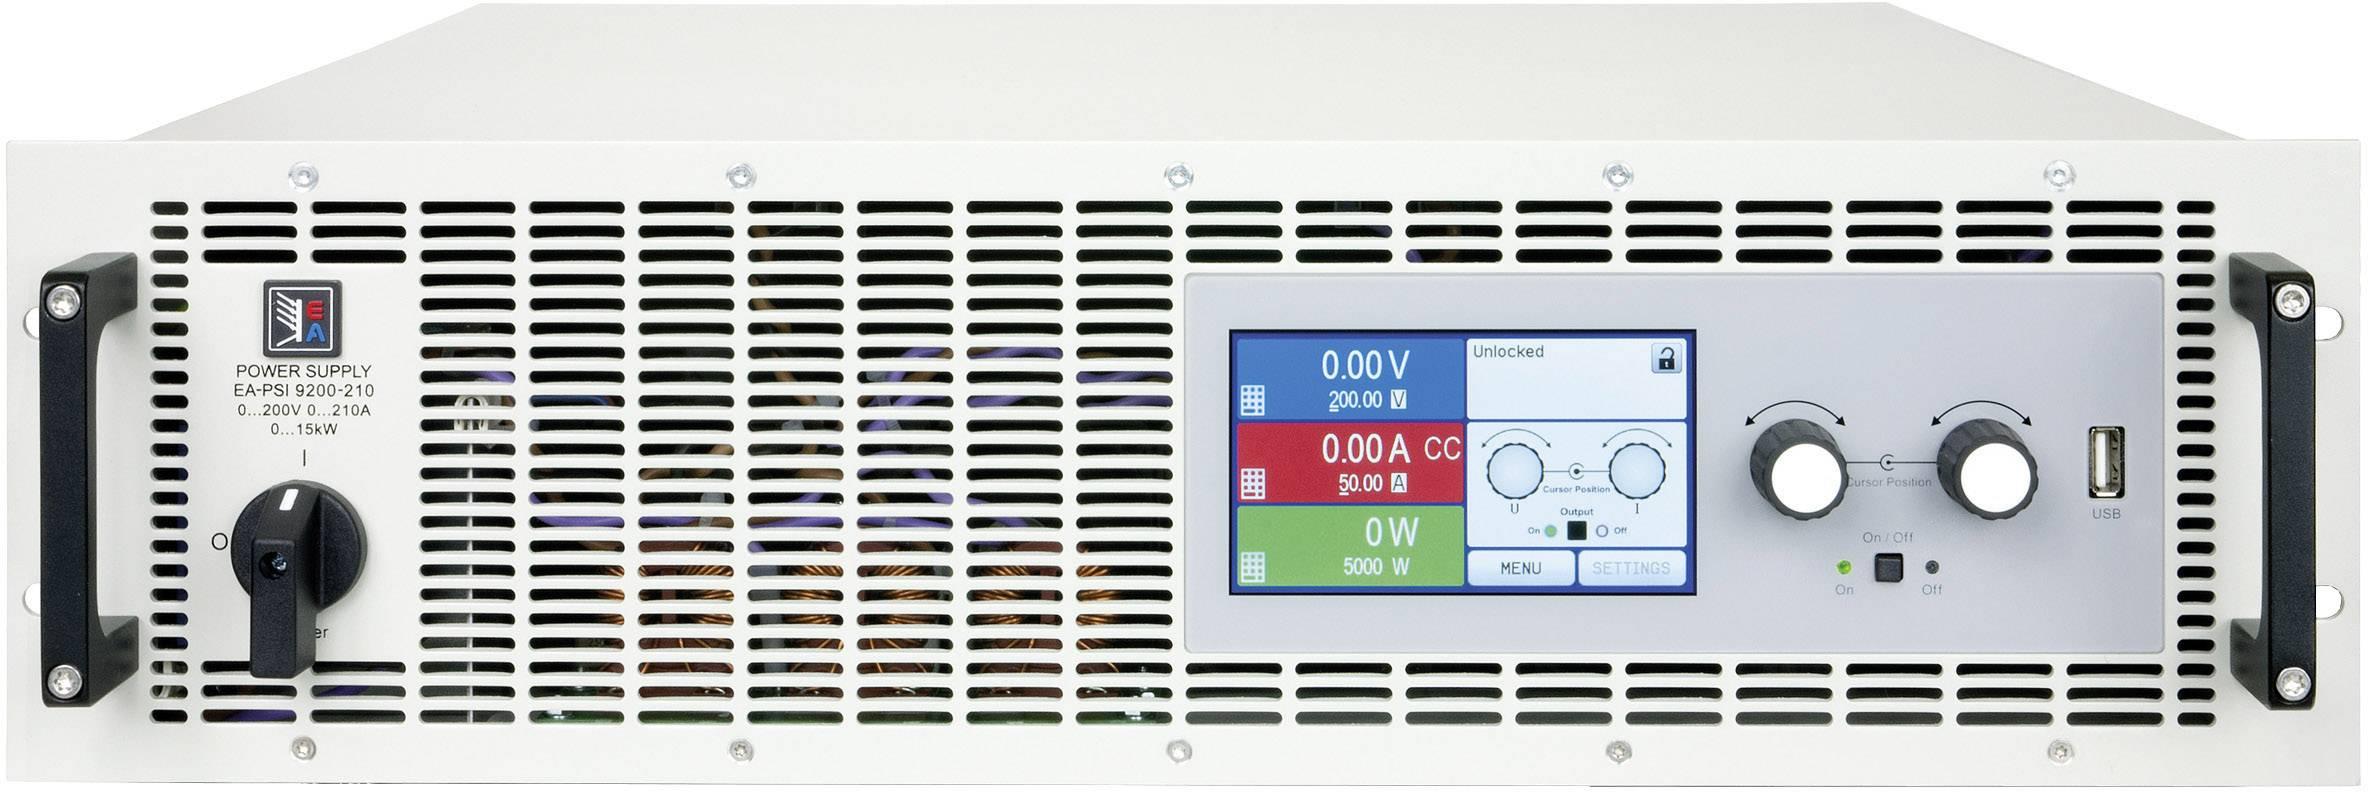 Programovateľný laboratórny zdroj EA EA-PSI 9040-340, 3U, 40 V, 340 A, 6600 W, USB